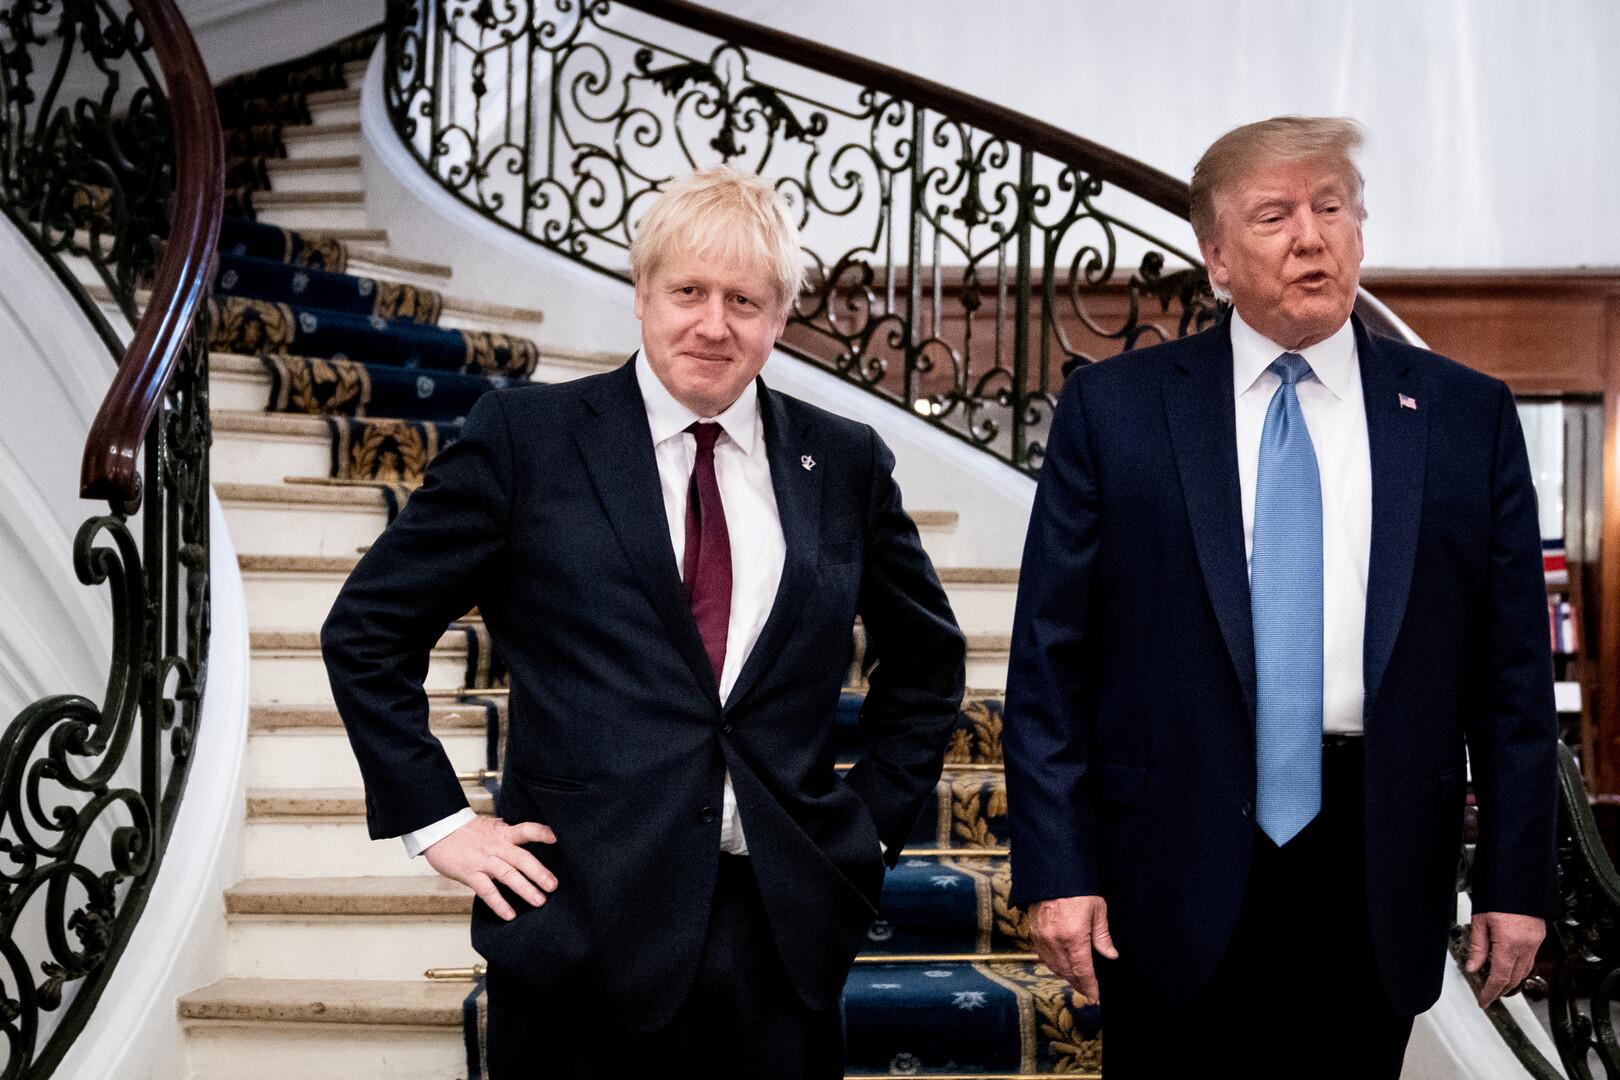 اتفاق تجاري أمريكي بريطاني بحلول يوليو